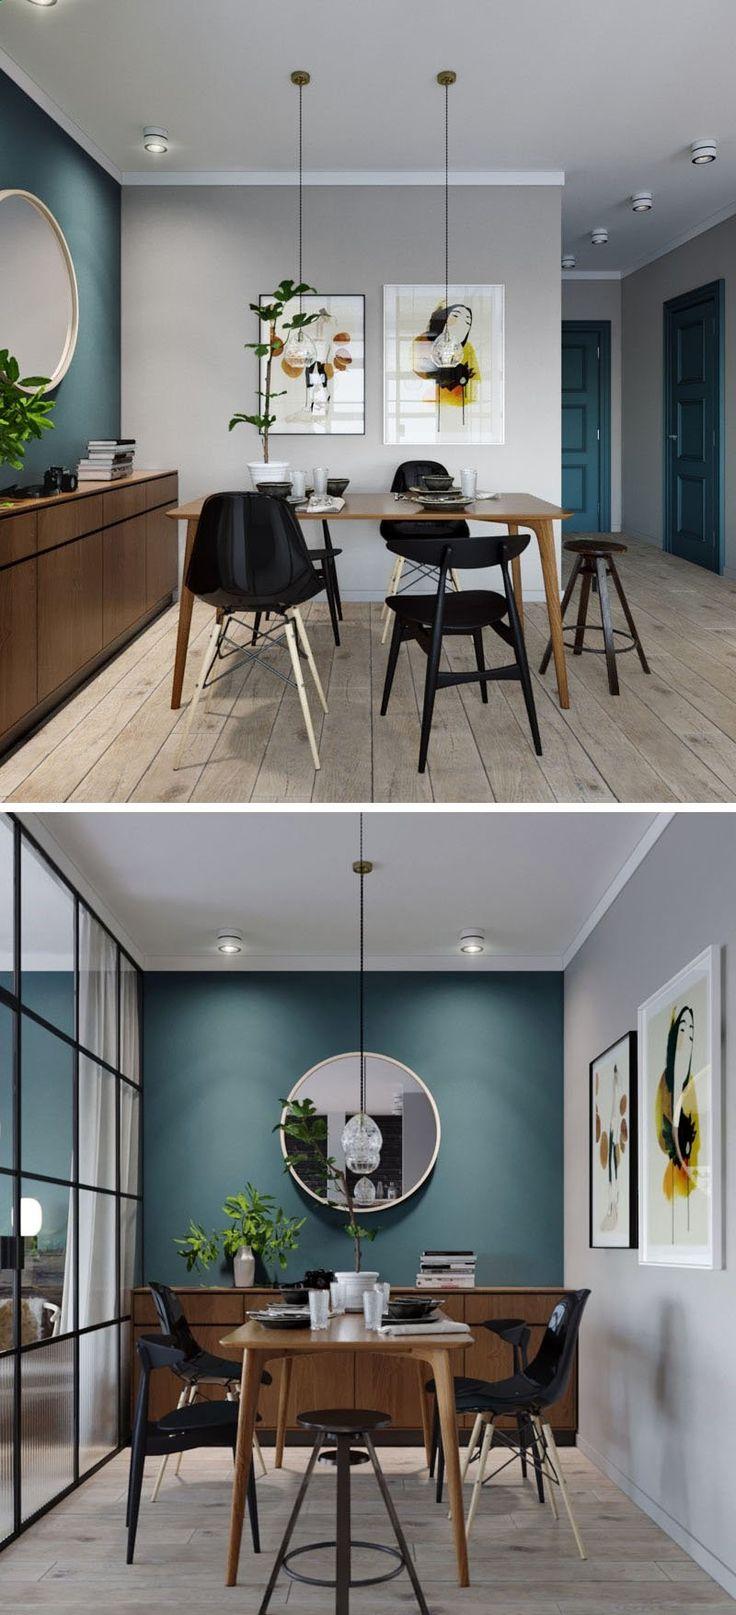 Dans cette salle à manger la bonne idée est les chaises dépareillées mais pour ne pas attirer toute l'attention et mettre en avant le beau mur bleu canard, les chaises sont différentes mais toutes de la meme couleur noire clemaroundthecorn...